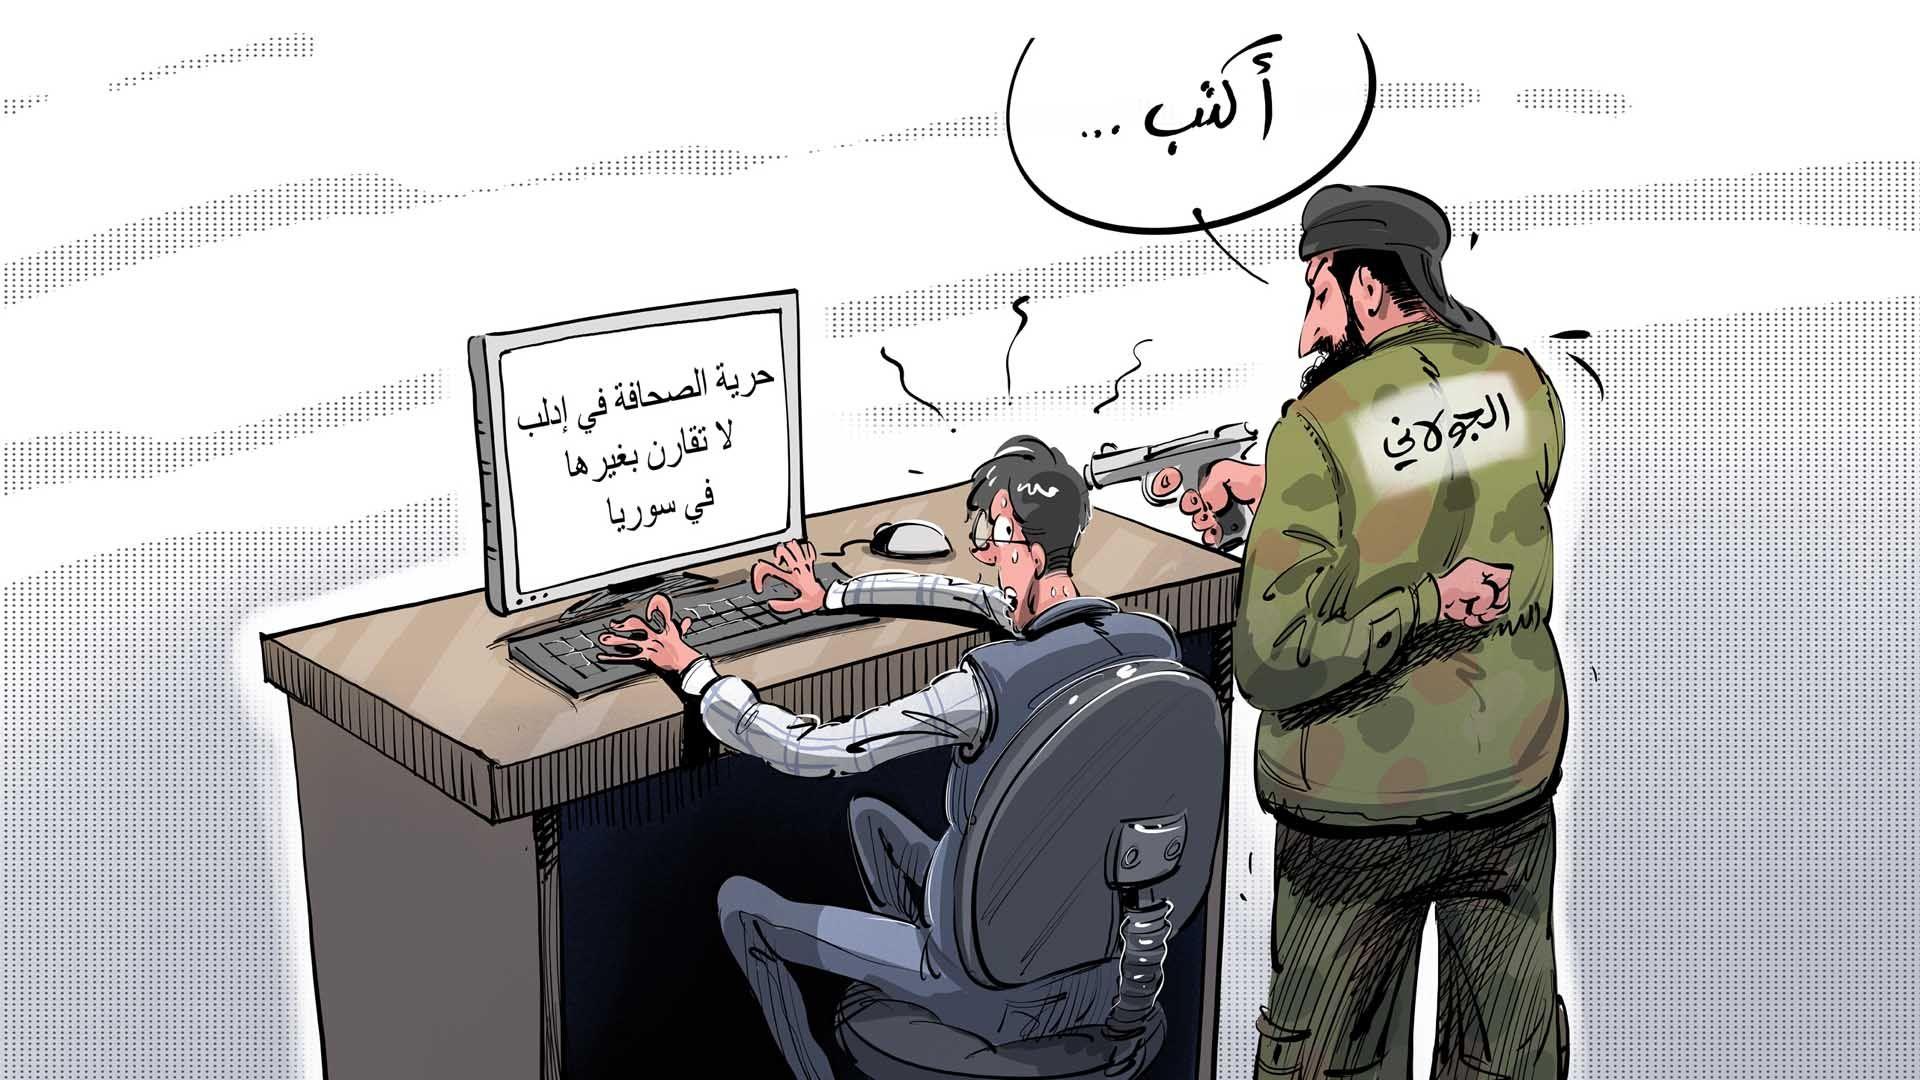 """أفعال """"الجولاني""""بحق الإعلام تناقض أقواله في اليوم العالمي لحرية الصحافة"""